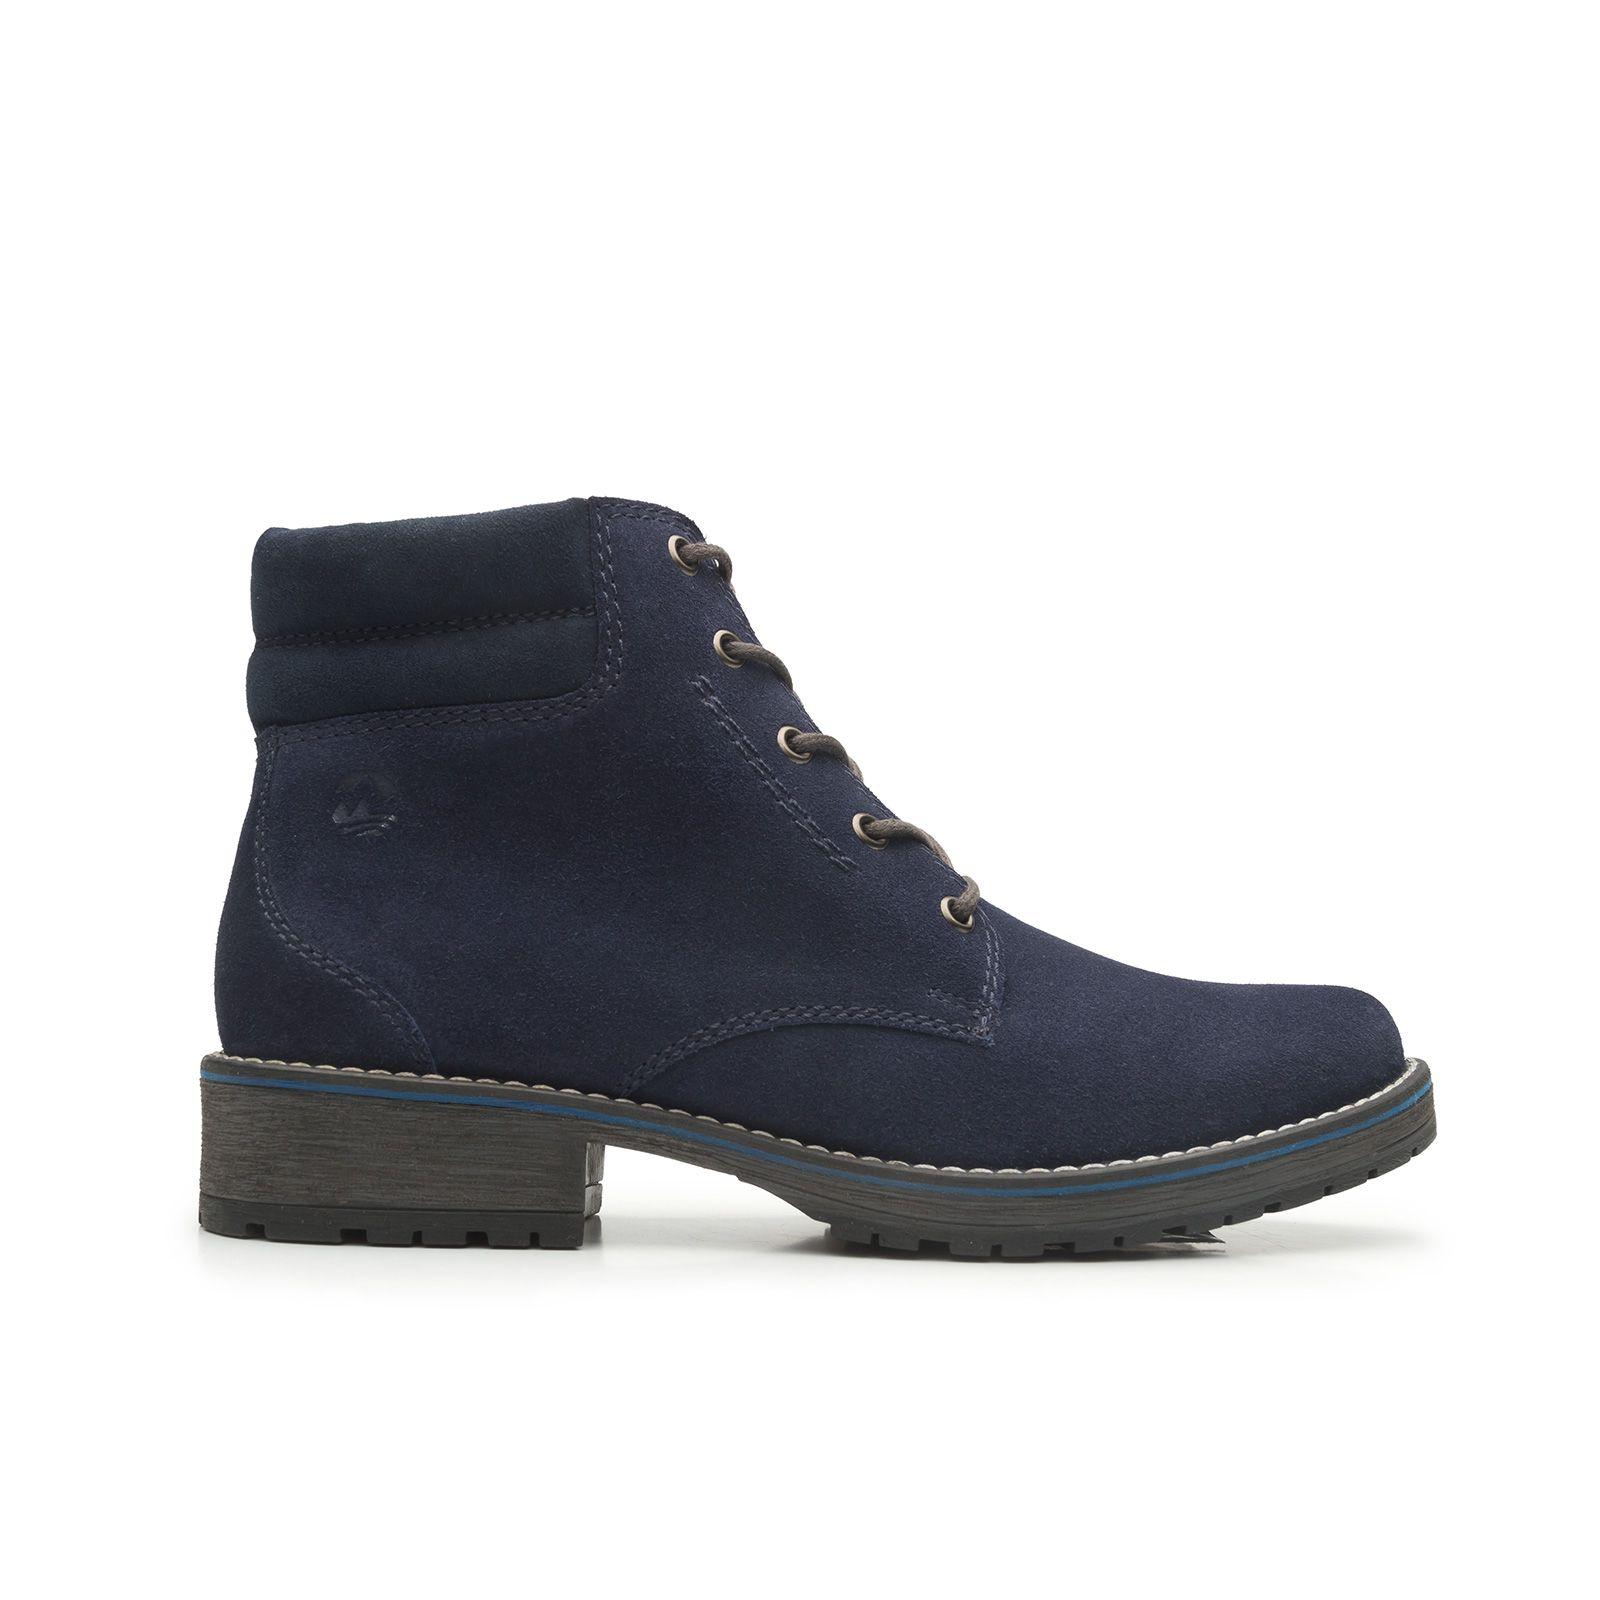 Estilo 25507 Azul Marino #shoes #zapatos #fashion #moda